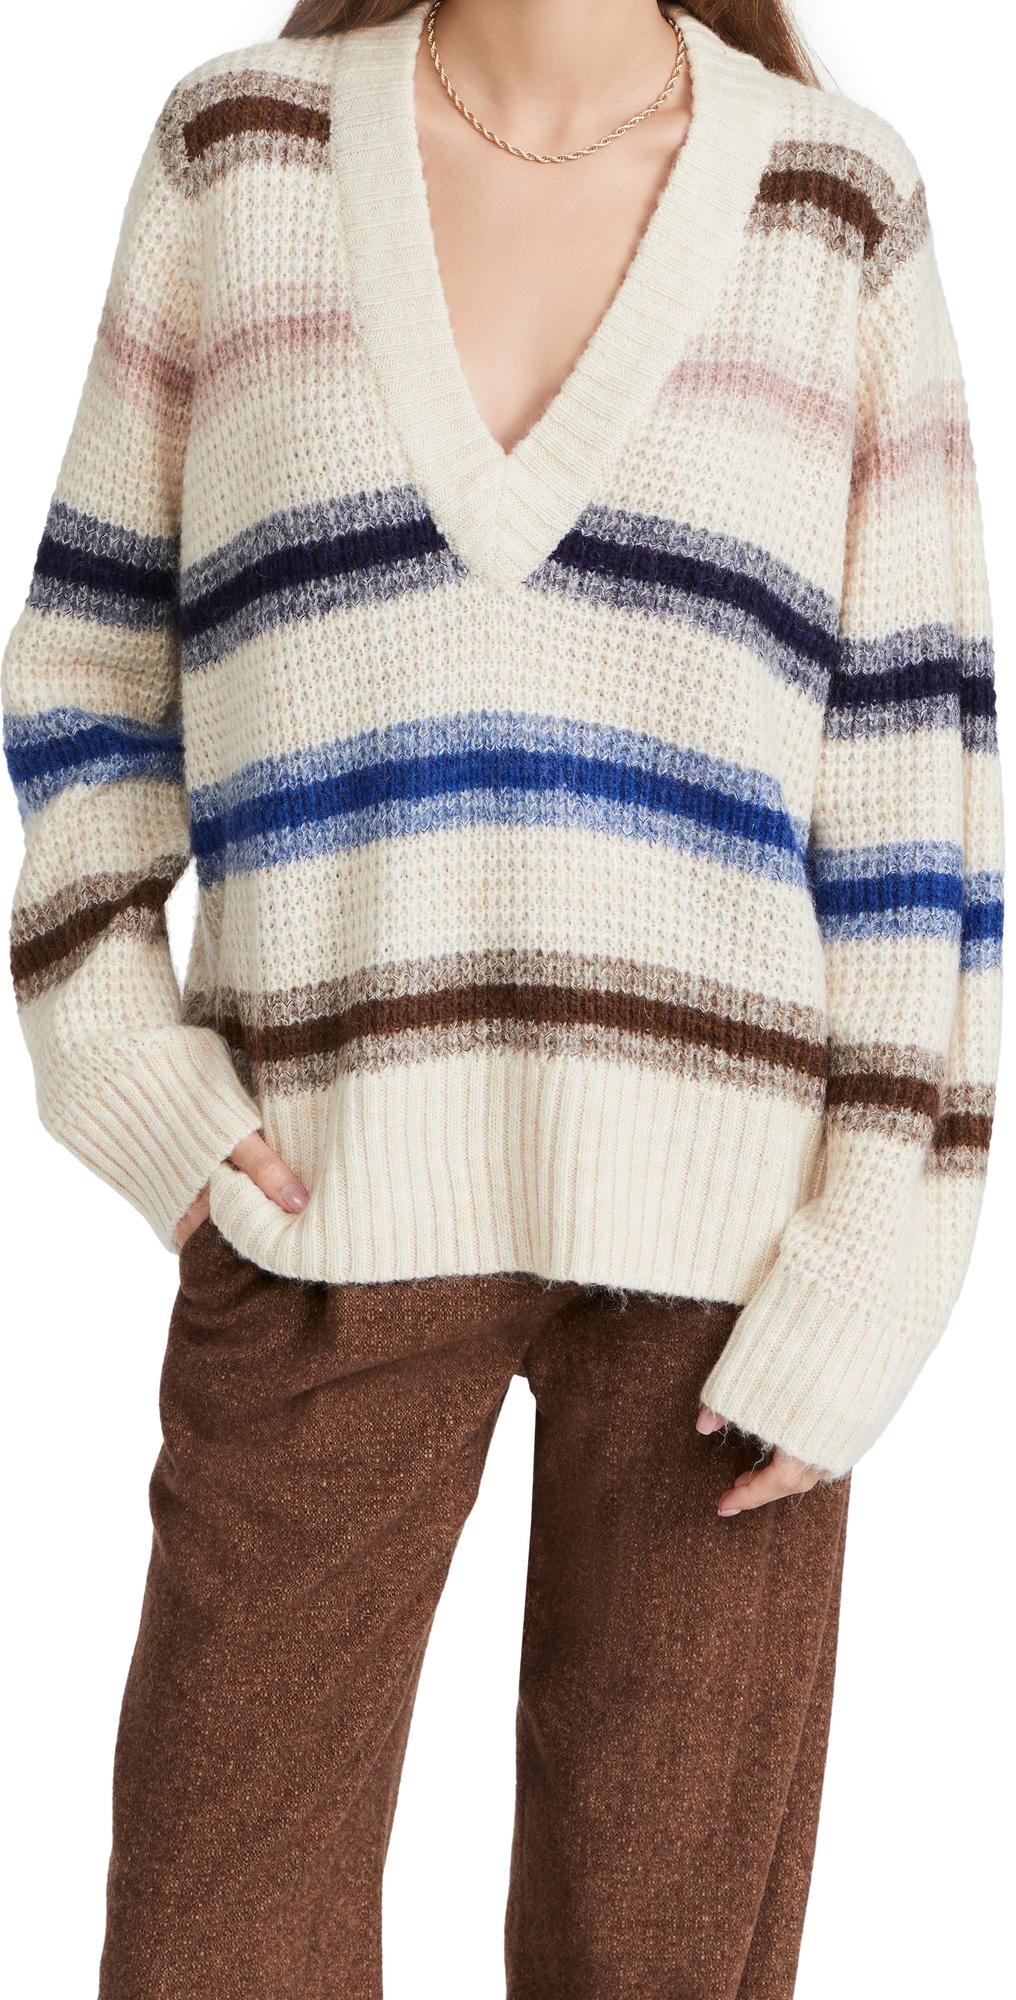 Rana Sweater